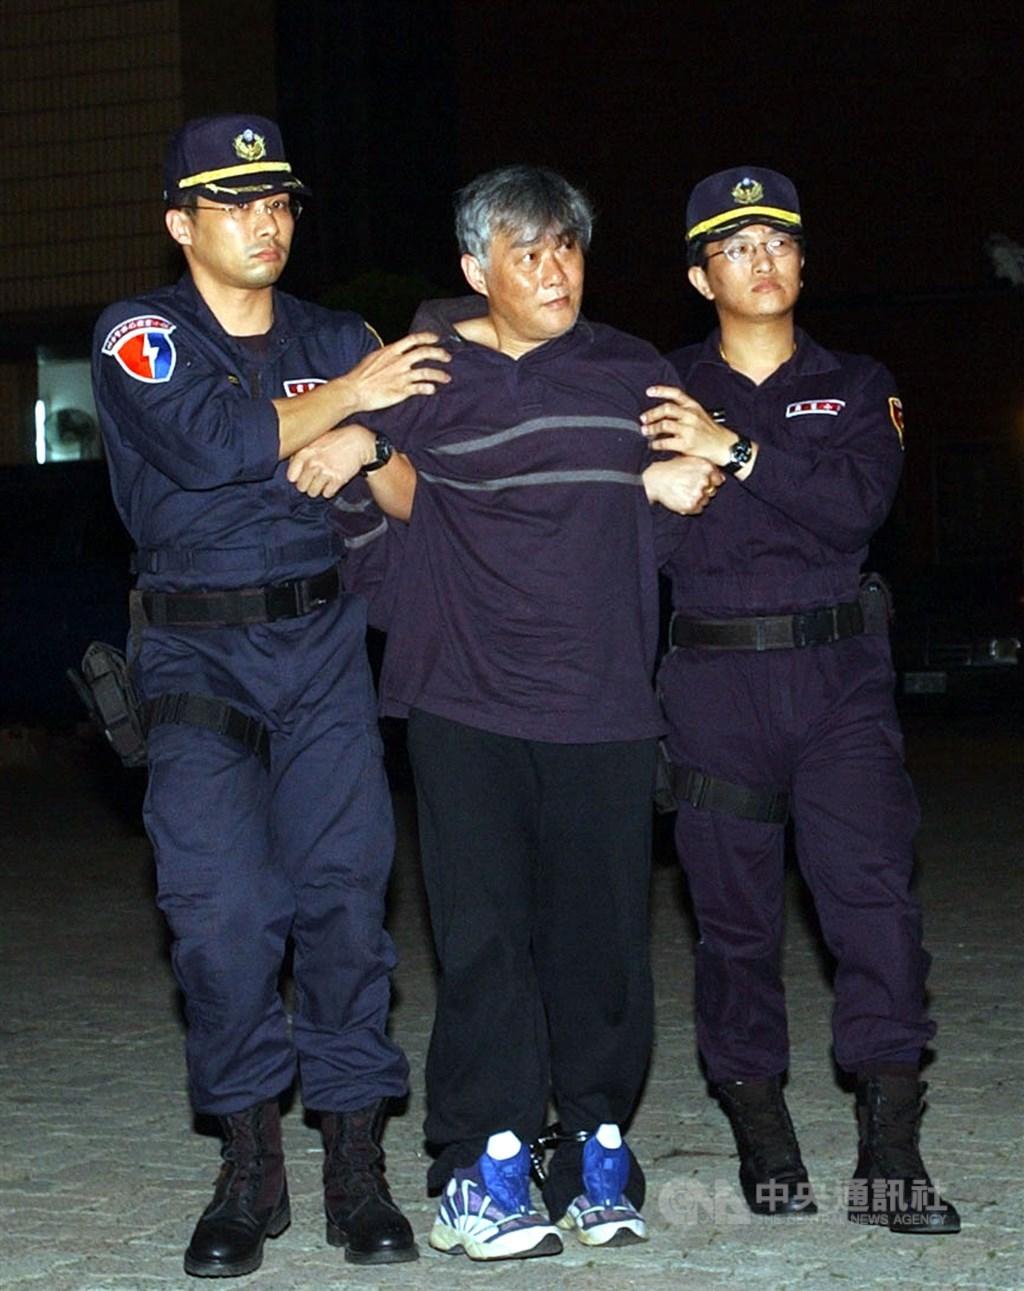 綽號「穿山甲」的前槍擊要犯詹龍欄(中)經法務部與宜蘭監獄陳報34次假釋案,服刑18年後終獲假釋出獄。圖為民國91年詹龍欄被警方押解返台。(中央社檔案照片)